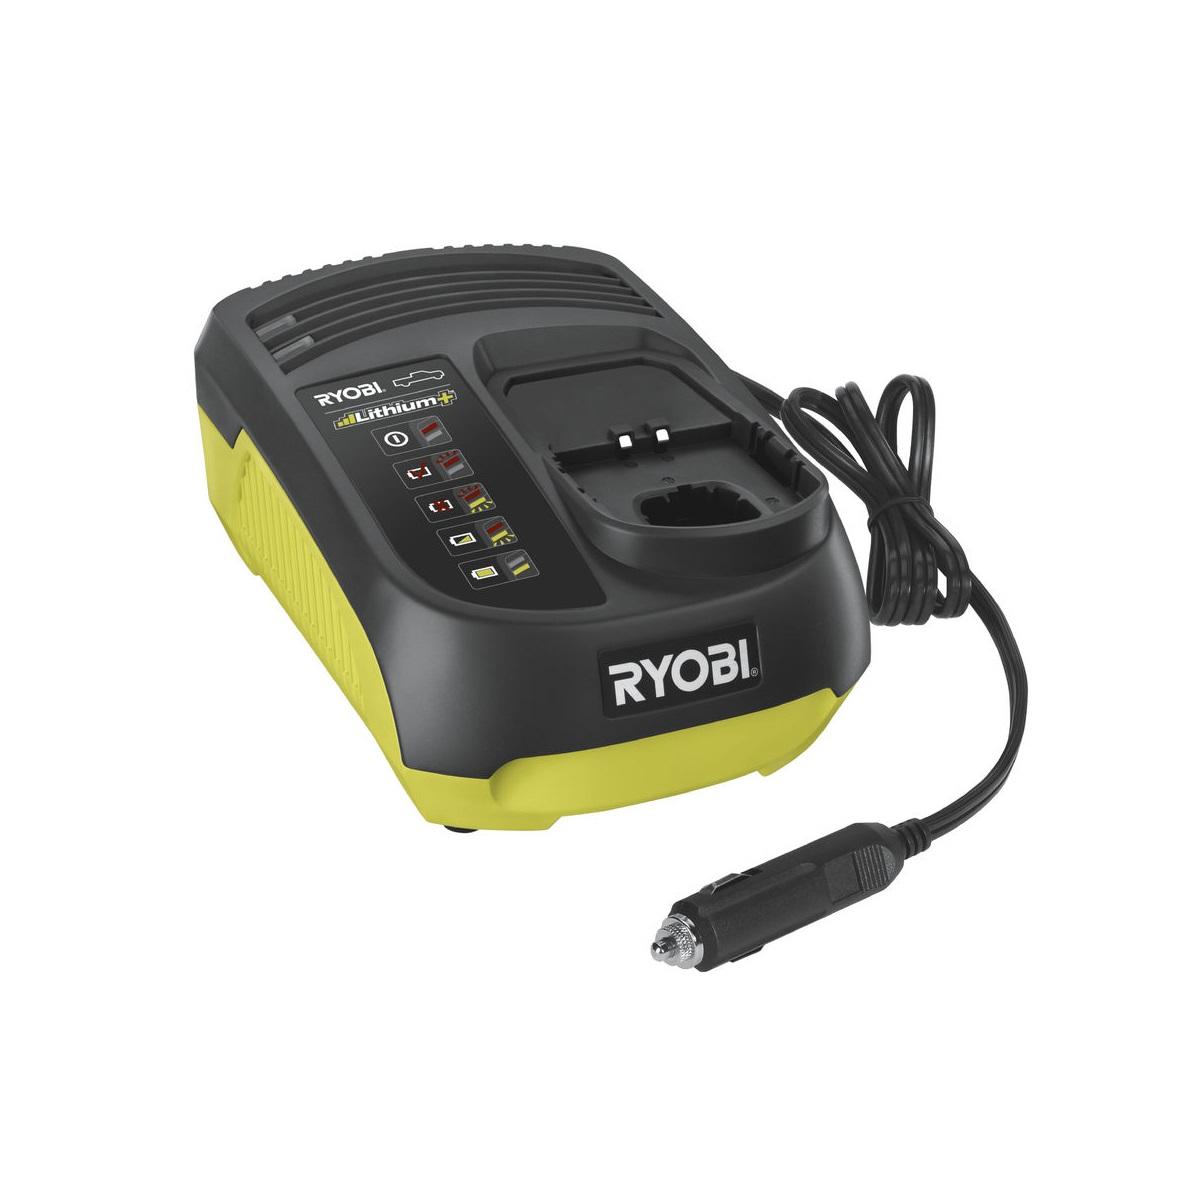 Ryobi RC18118C, 18V univerzální nabíječka do auta ONE+